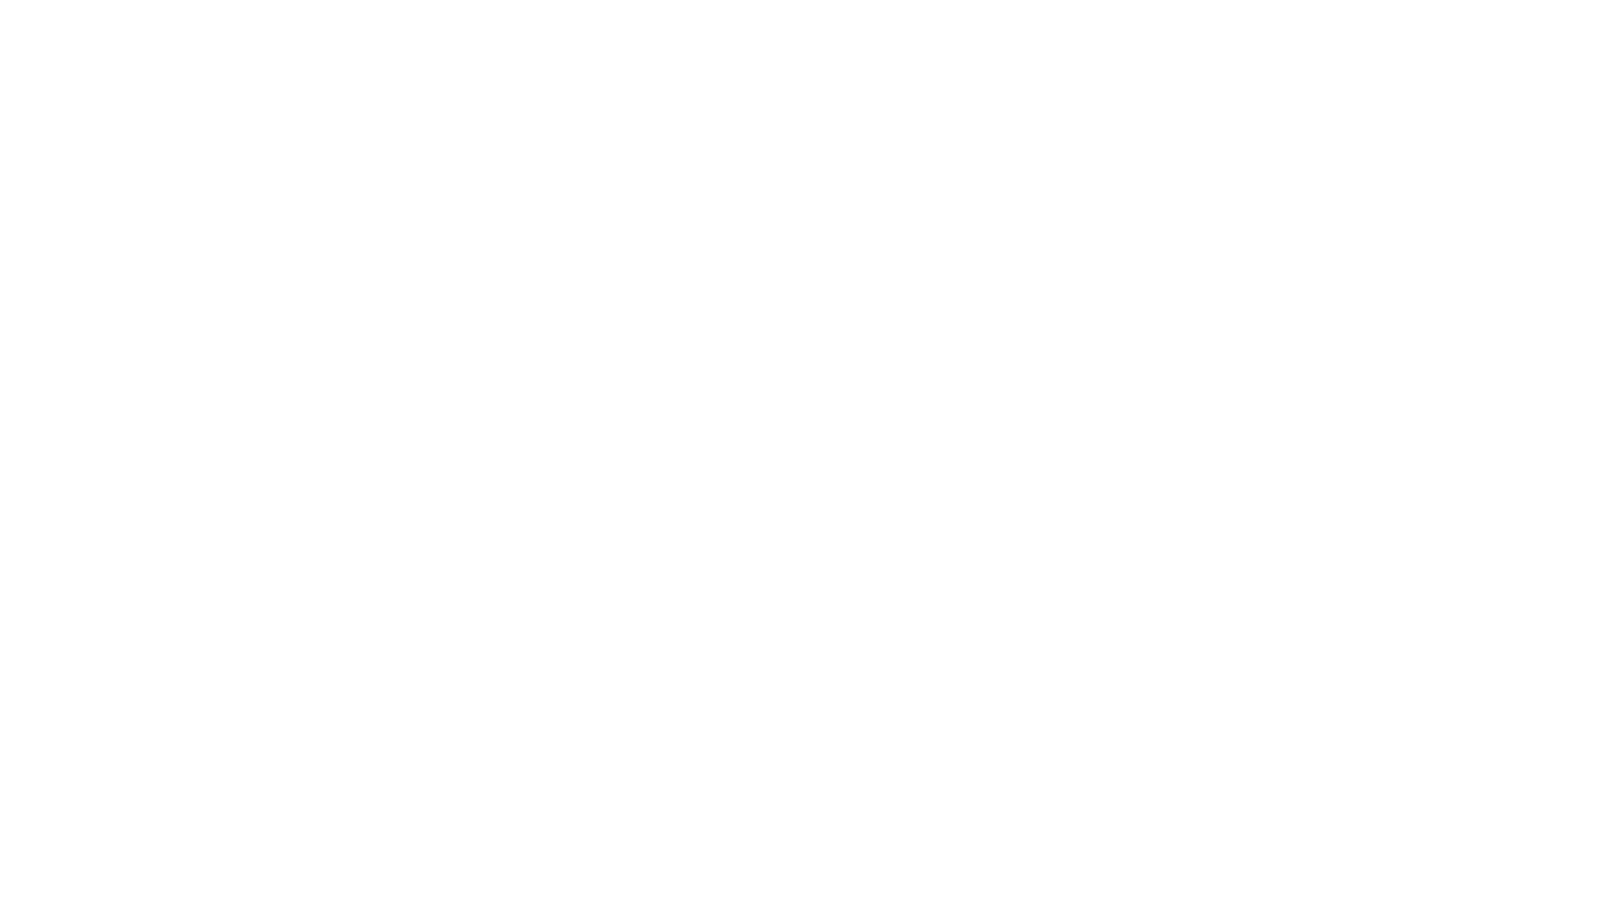 16x9-Placeholder-Frame.png